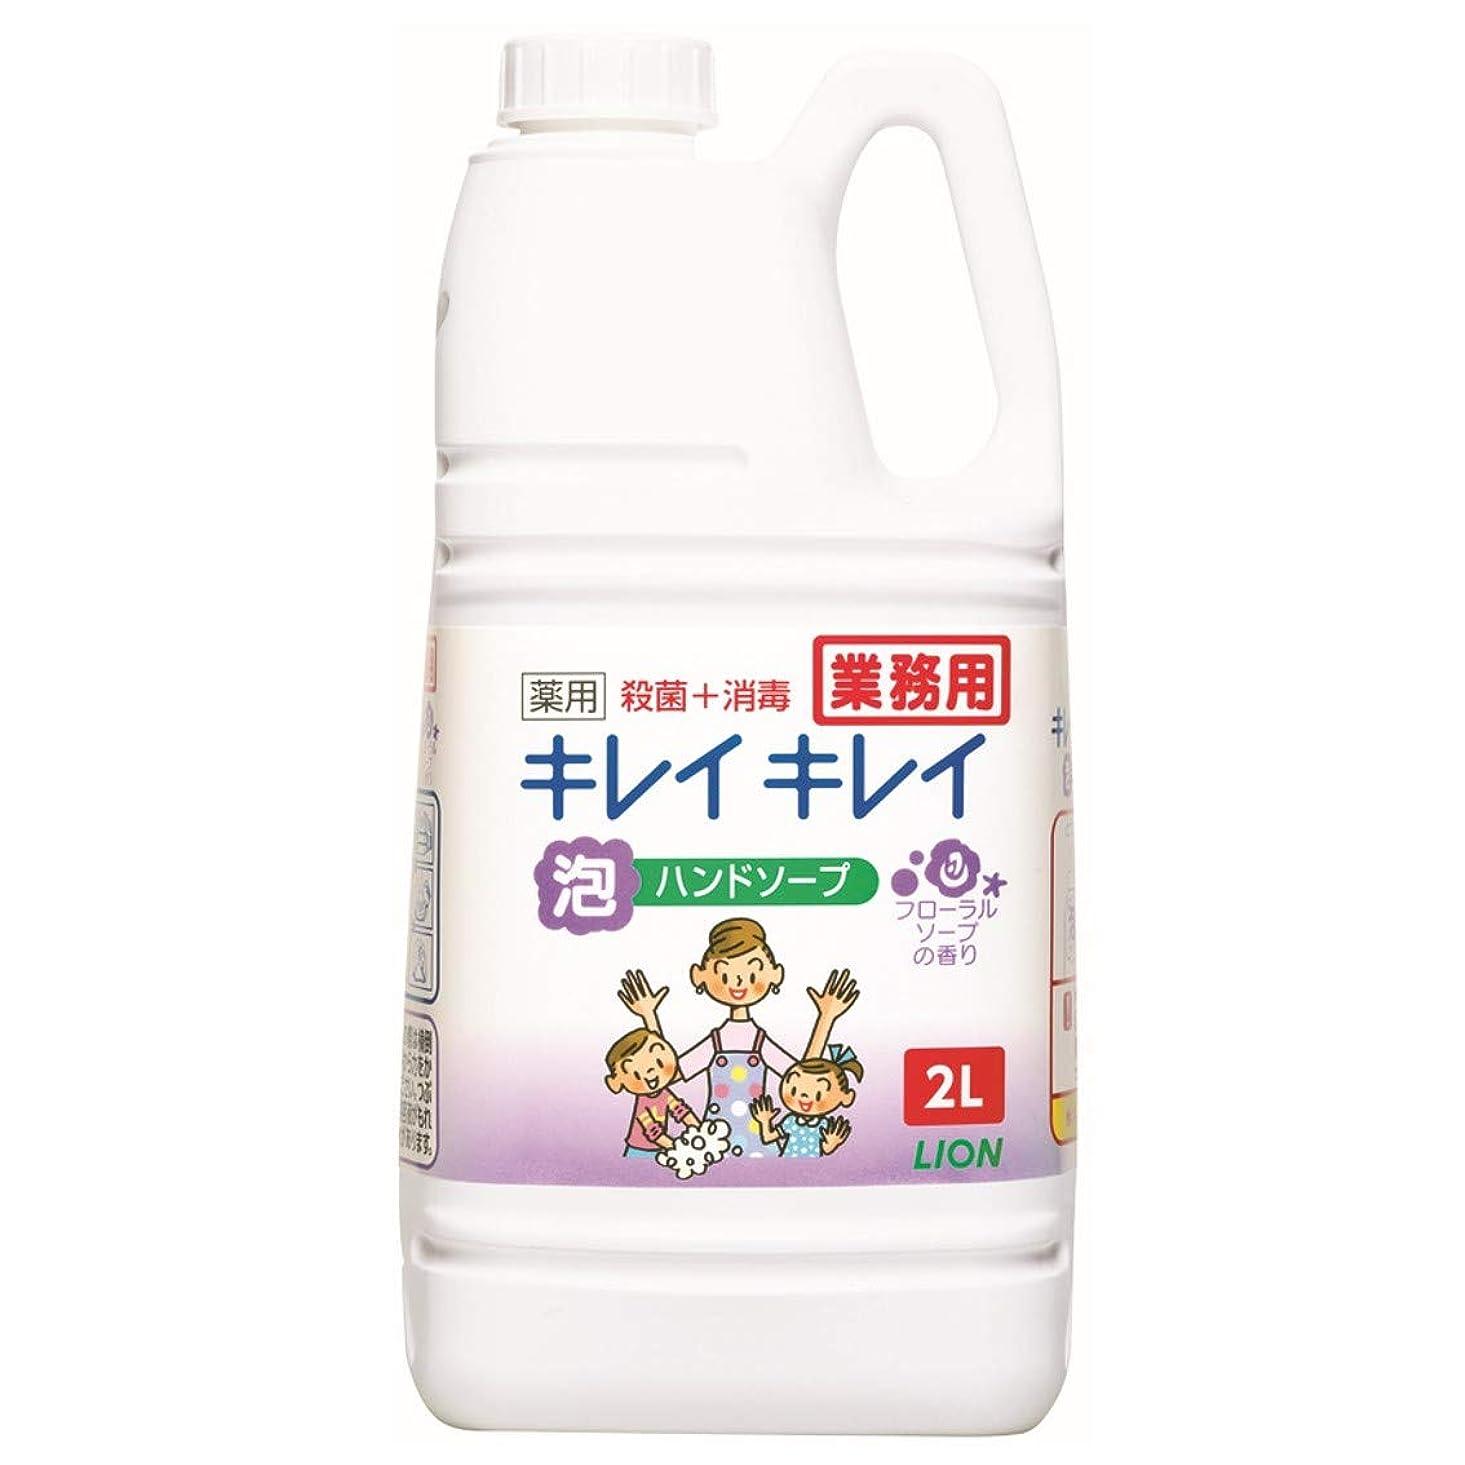 家庭教師コメント意見【大容量】キレイキレイ 薬用泡ハンドソープ フローラルソープの香り 2L